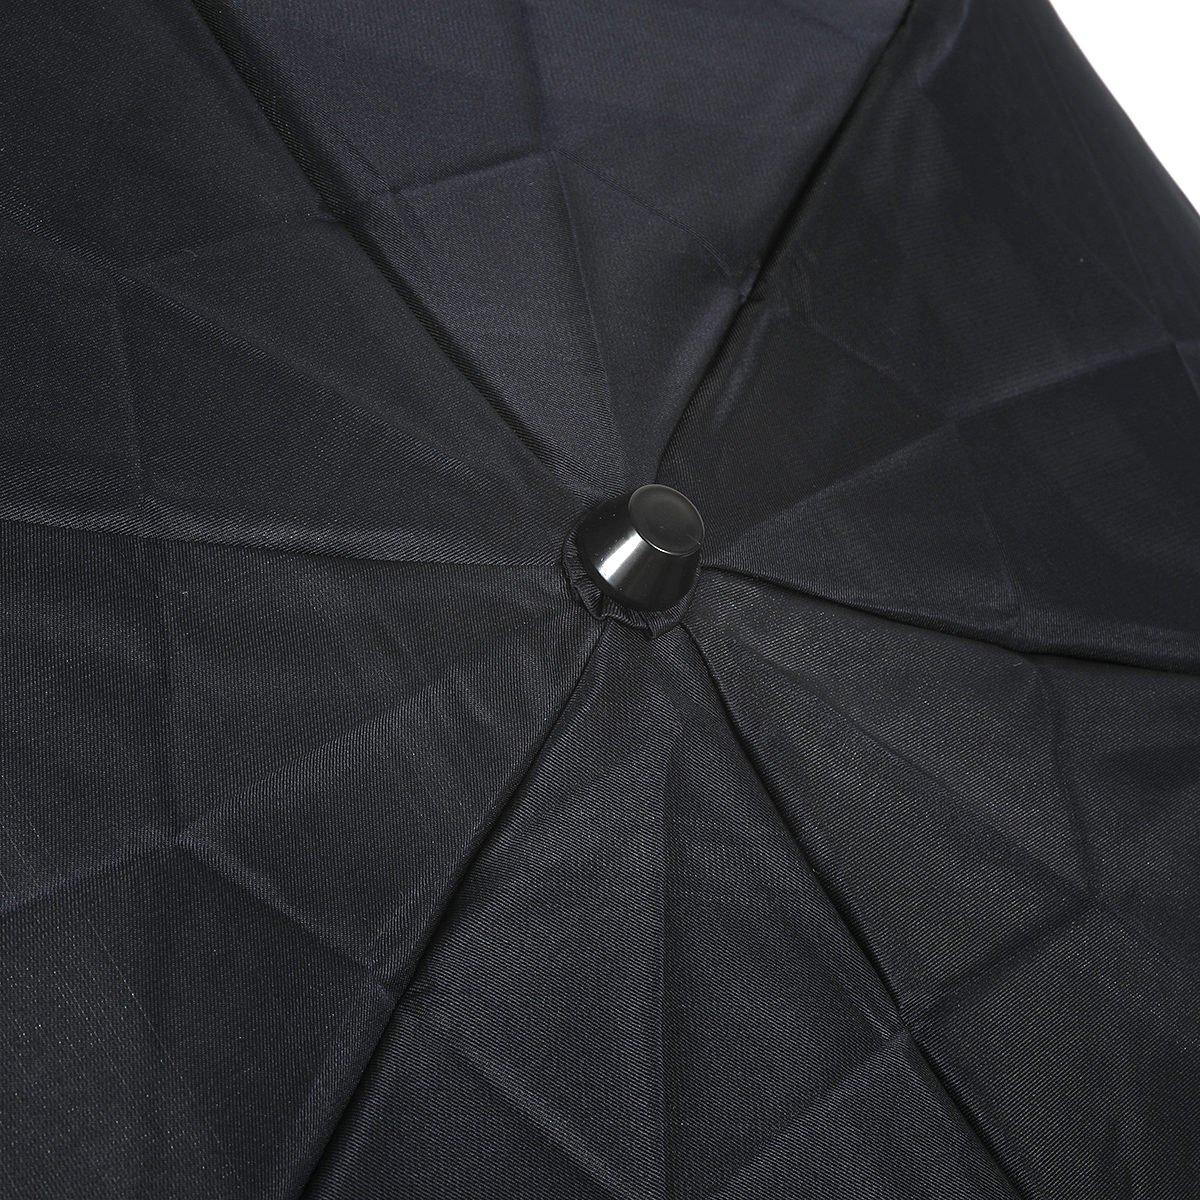 Wフェイス ビッグチェック 折りたたみ傘 詳細画像9